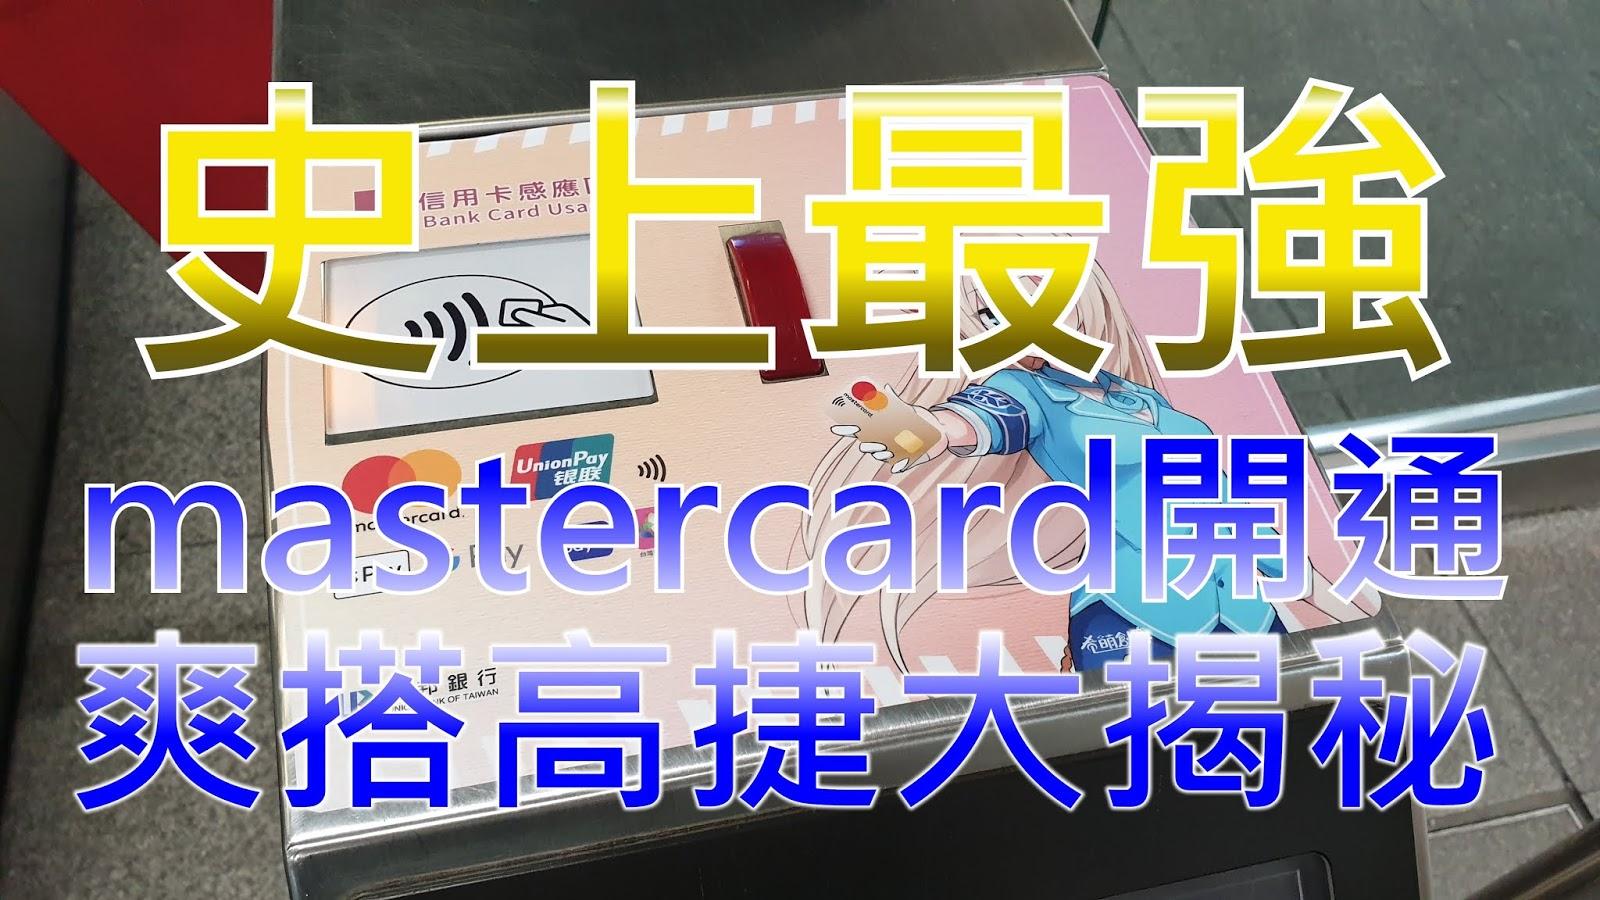 史上最強 Mastercard開通 爽搭高捷大揭密